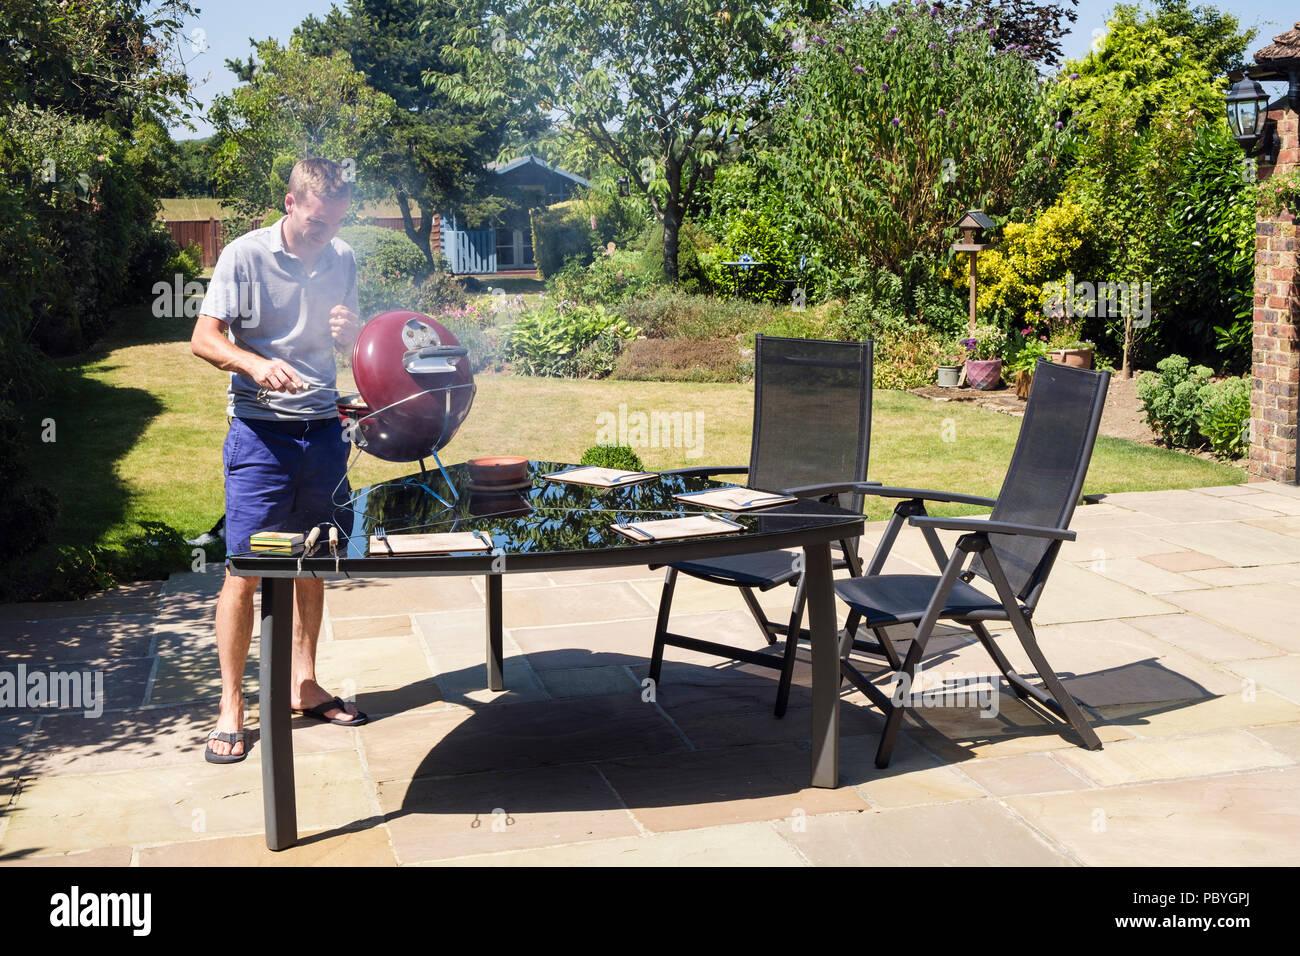 Junge tausendjährigen Mann kocht auf einem Grill auf eine inländische zurück Garten Tisch auf der Terrasse im heißen Sommer 2018. England, Großbritannien, Großbritannien Stockbild